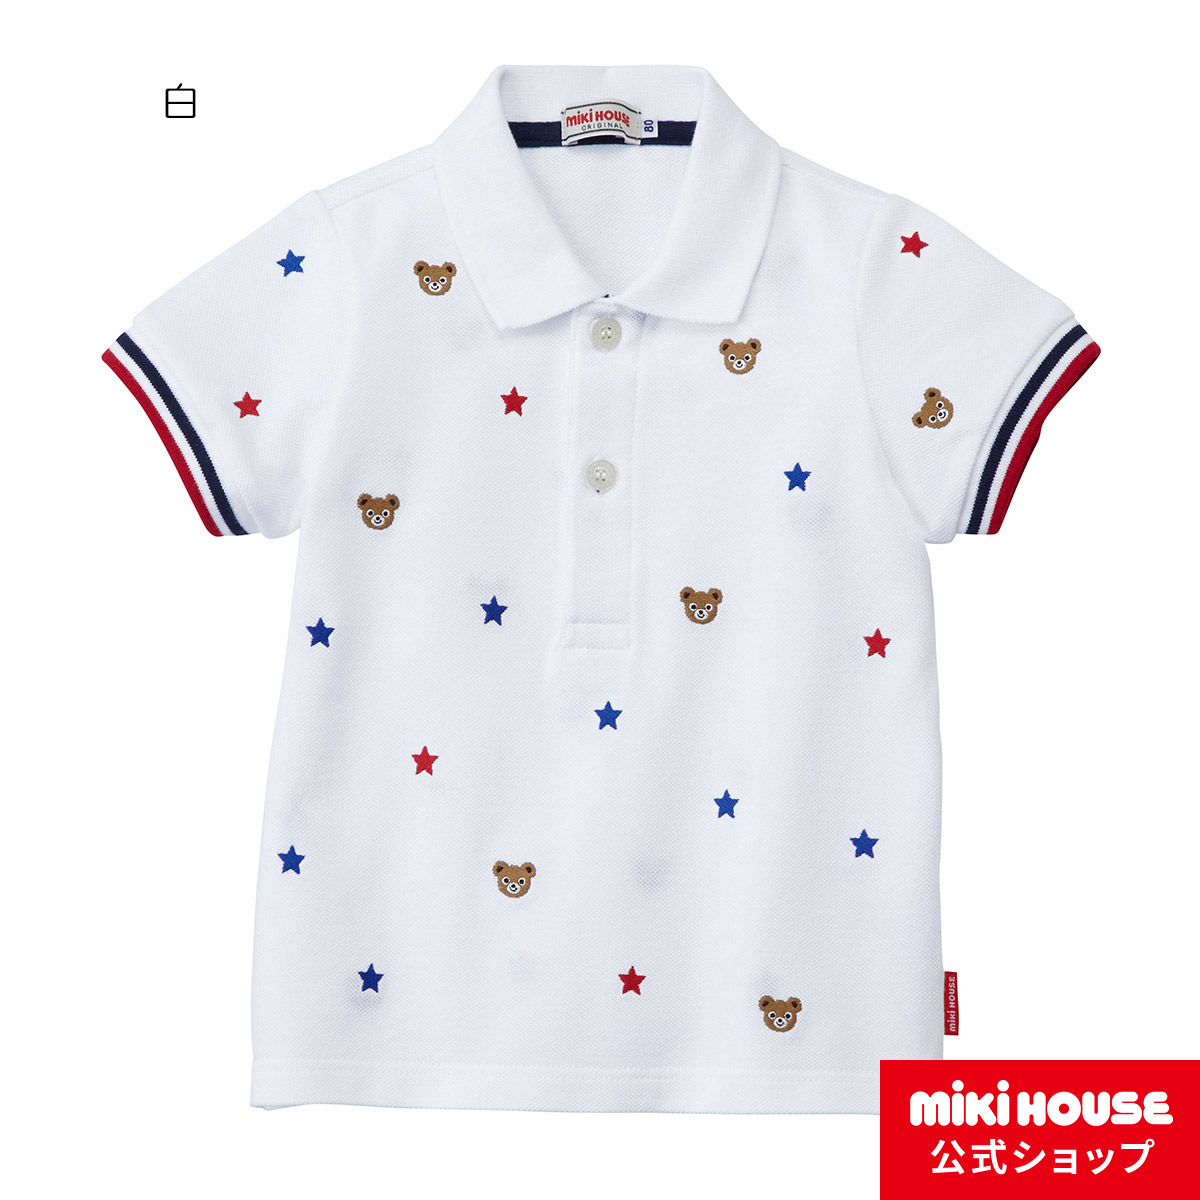 ミキハウス mikihouse プッチー プチ刺繍入り半袖ポロシャツ(80cm・90cm・100cm) ベビー服 キッズ 子供服 男の子